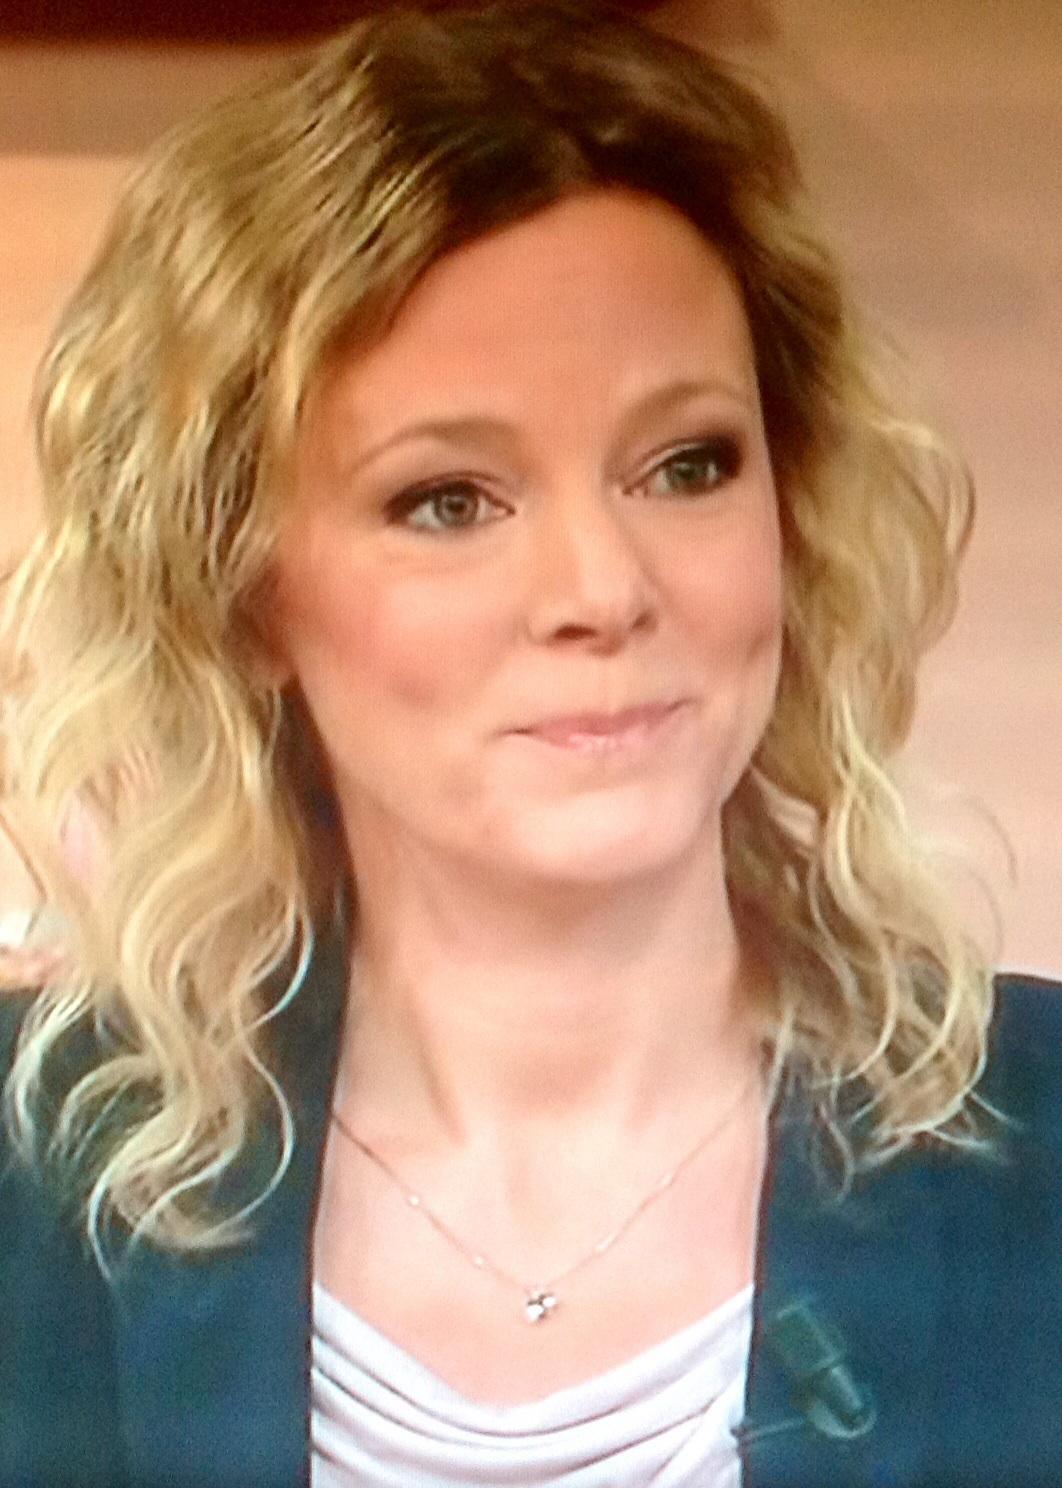 Söta Linda Eriksson på TV4. Inte endast ansiktet har rätt kromosomuppsättning. Resterande Eriksson verkar - image7